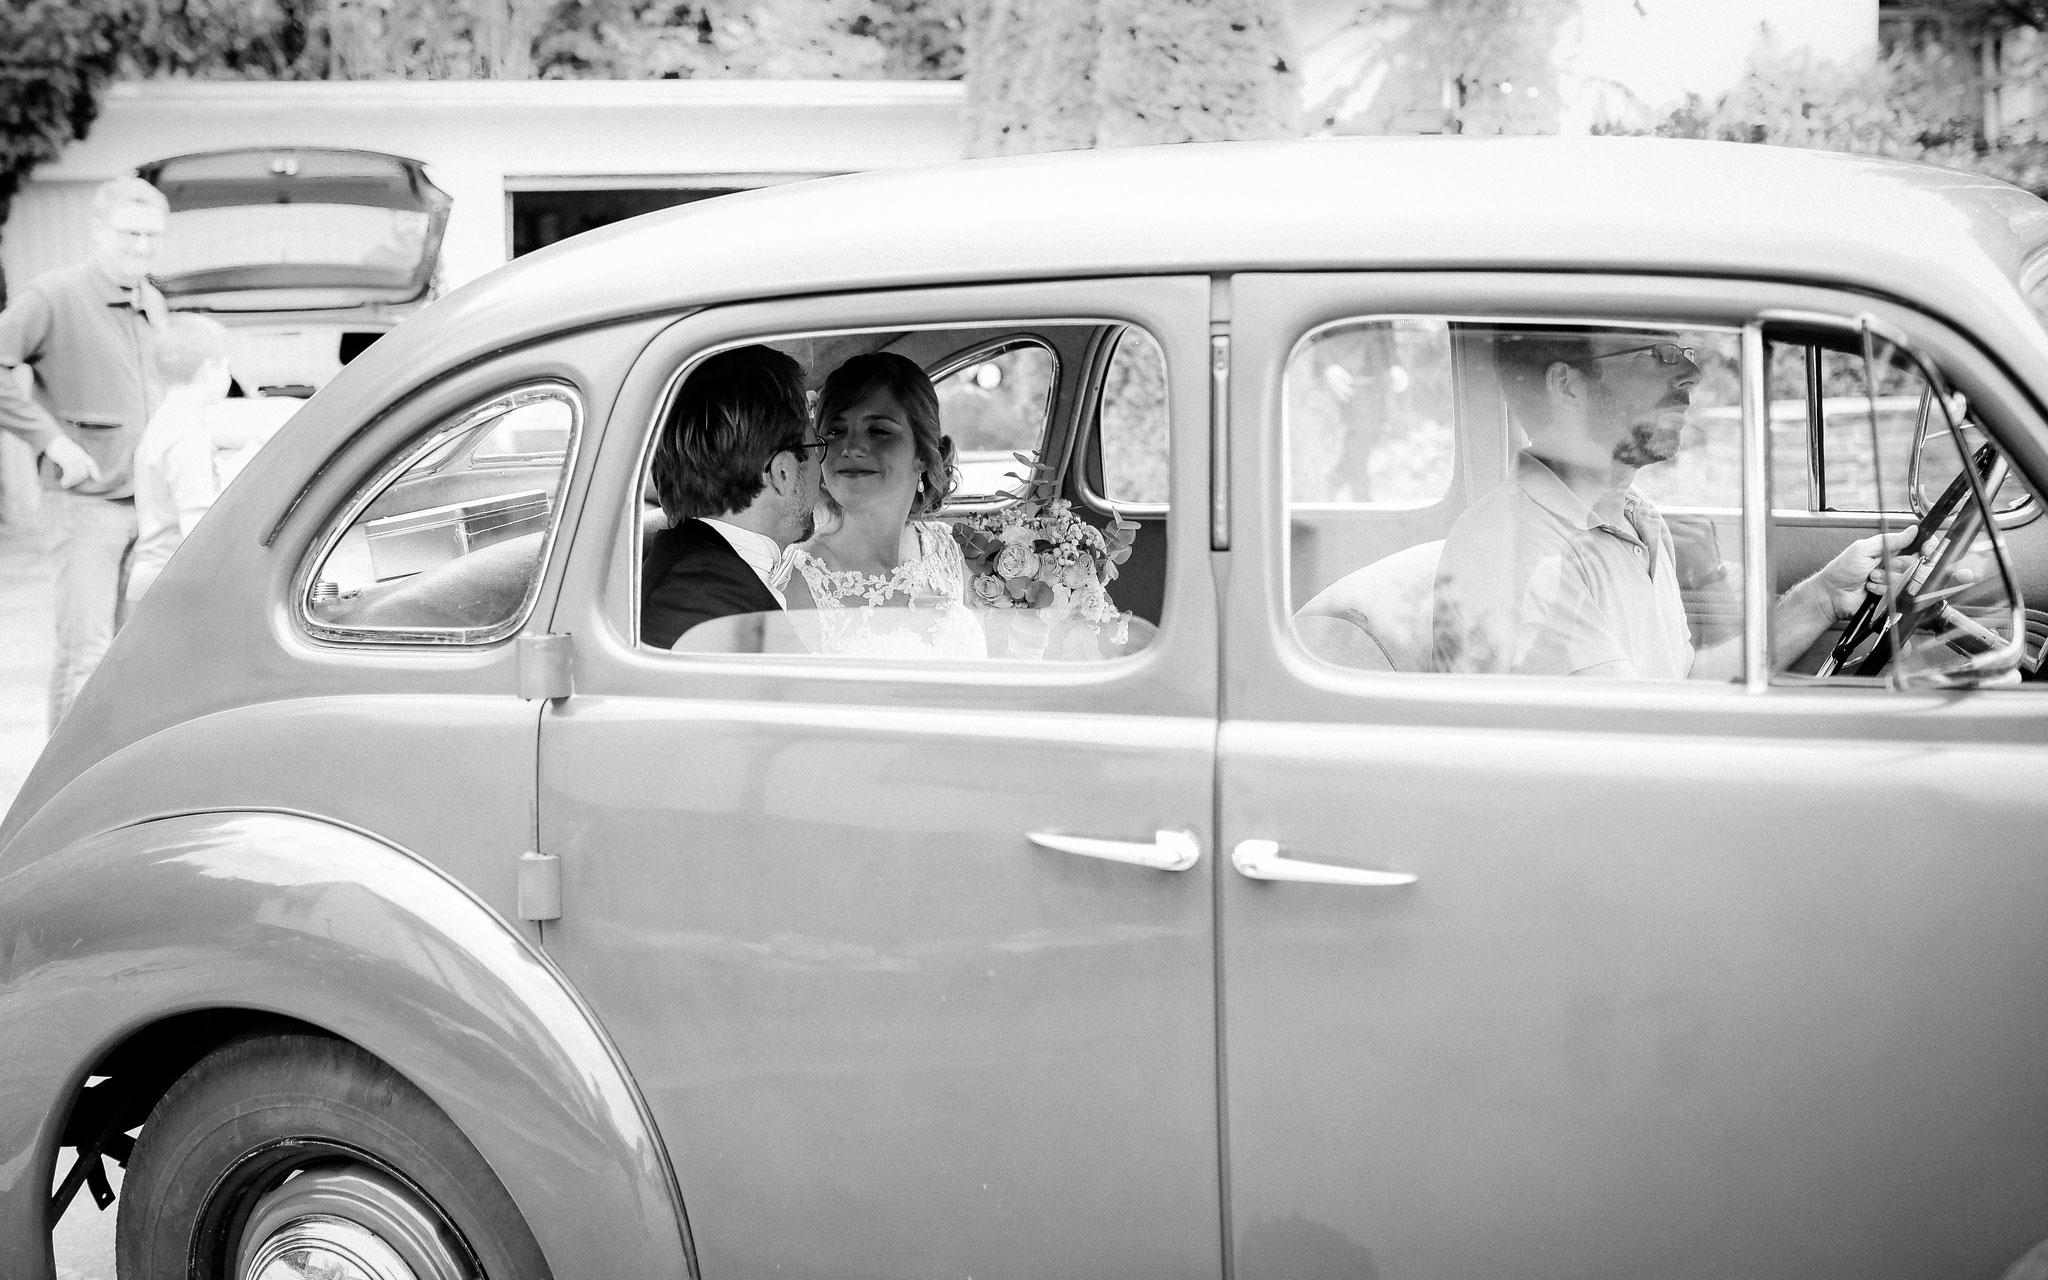 Paarshooting | Hochzeitsfotograf Rebecca Adloff | Ruhrgebiet, Essen, Münster, NRW, Düsseldorf, Köln, Bochum | Hochzeitsreportage | Hochzeitsfotos